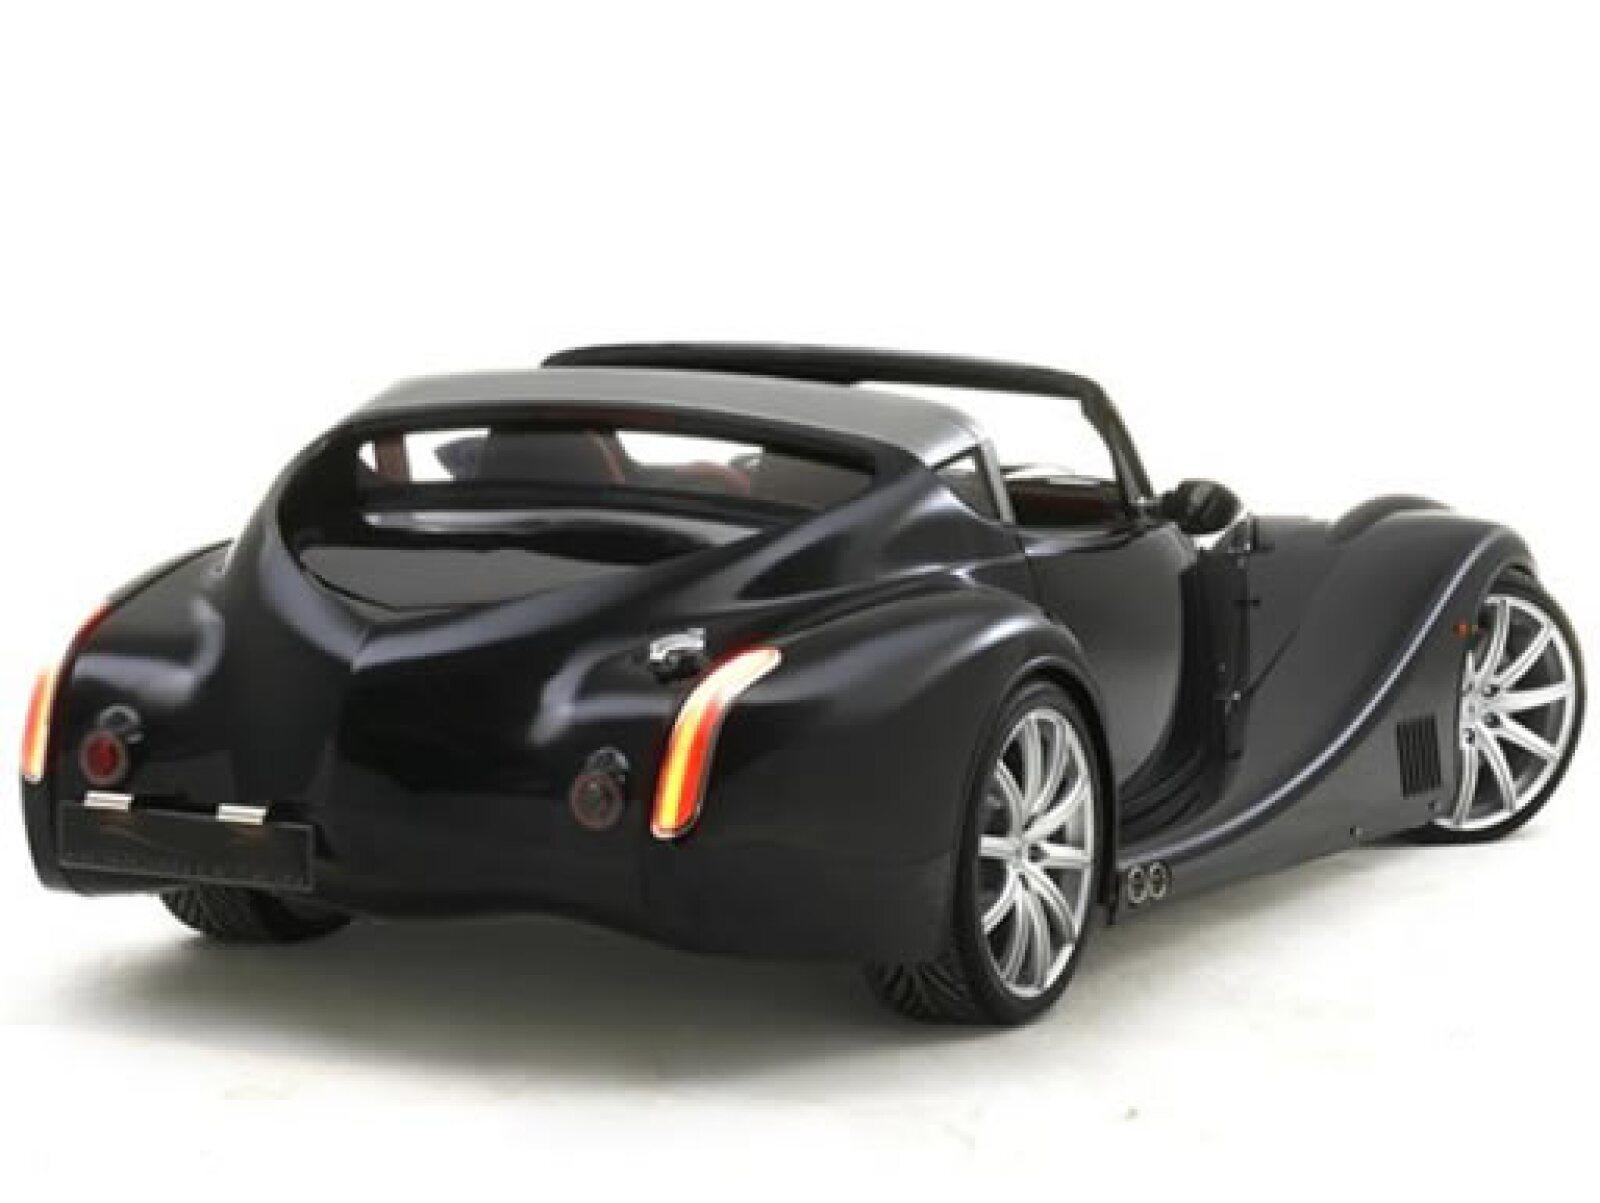 El Aero Super Sports es una edición limitada. El coche tiene dos paneles de techo de aluminio desmontable que pueden almacenarse en la cajuela.